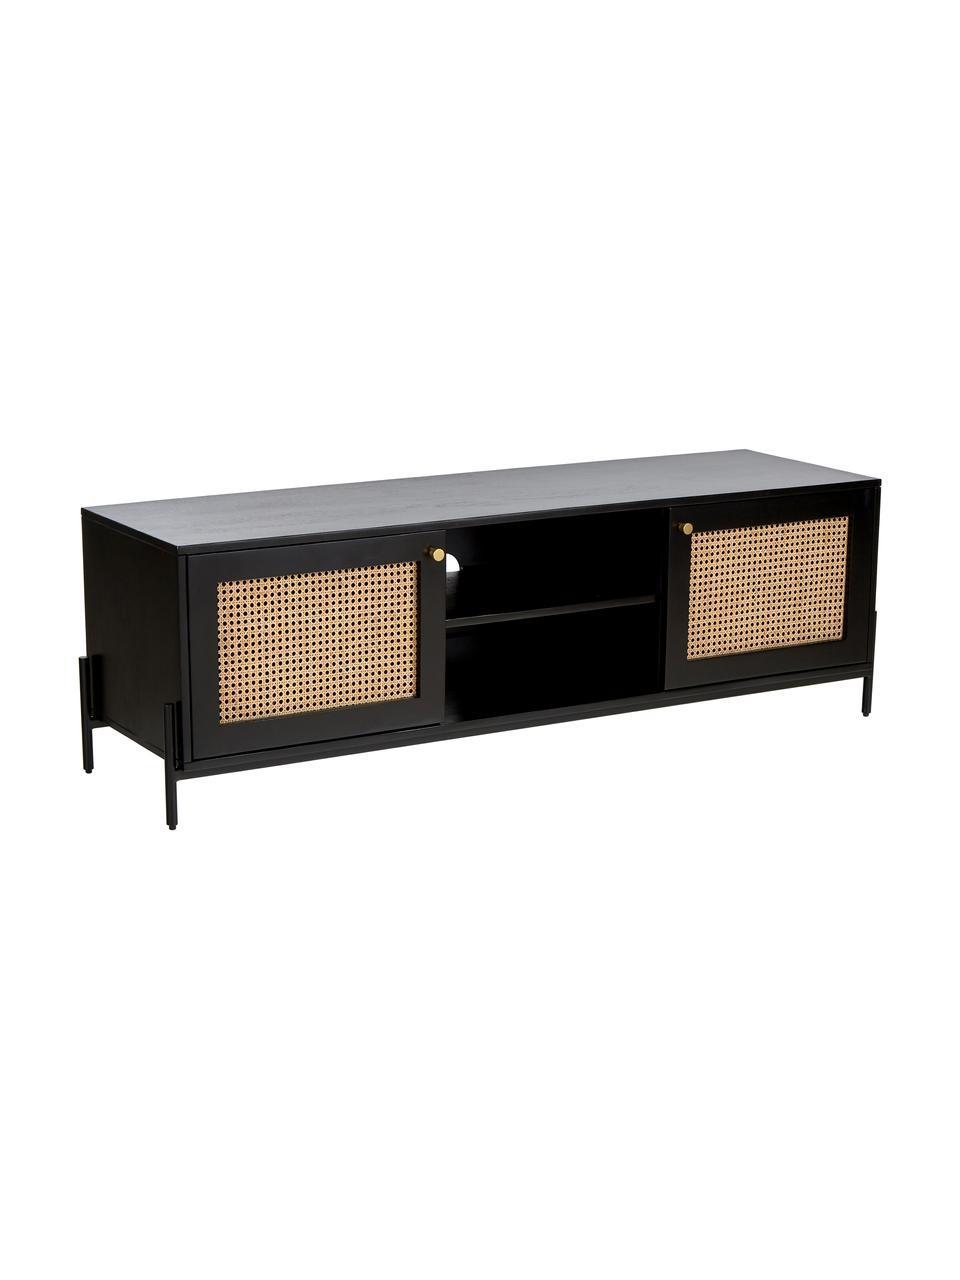 Tv-meubel Vienna met Weens vlechtwerk, Frame: massief gelakt mangohout, Poten: gepoedercoat metaal, Zwart, beige, 160 x 50 cm